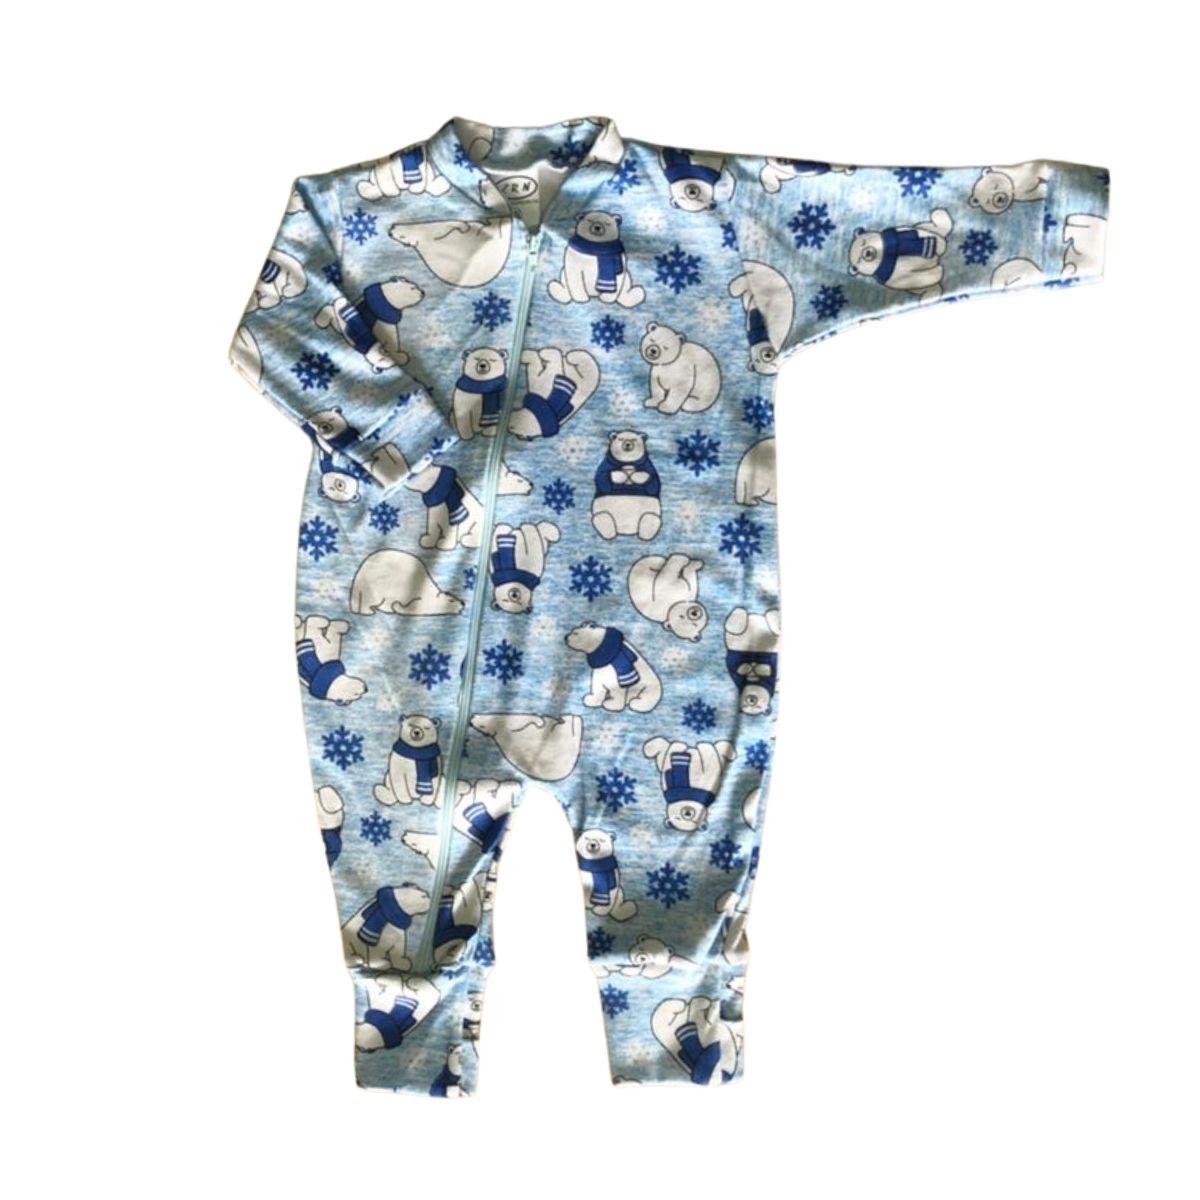 Macacão Urso Vira Pé Bebê Recém-Nascido Com Zíper - Tecido Suedine 100% Algodão